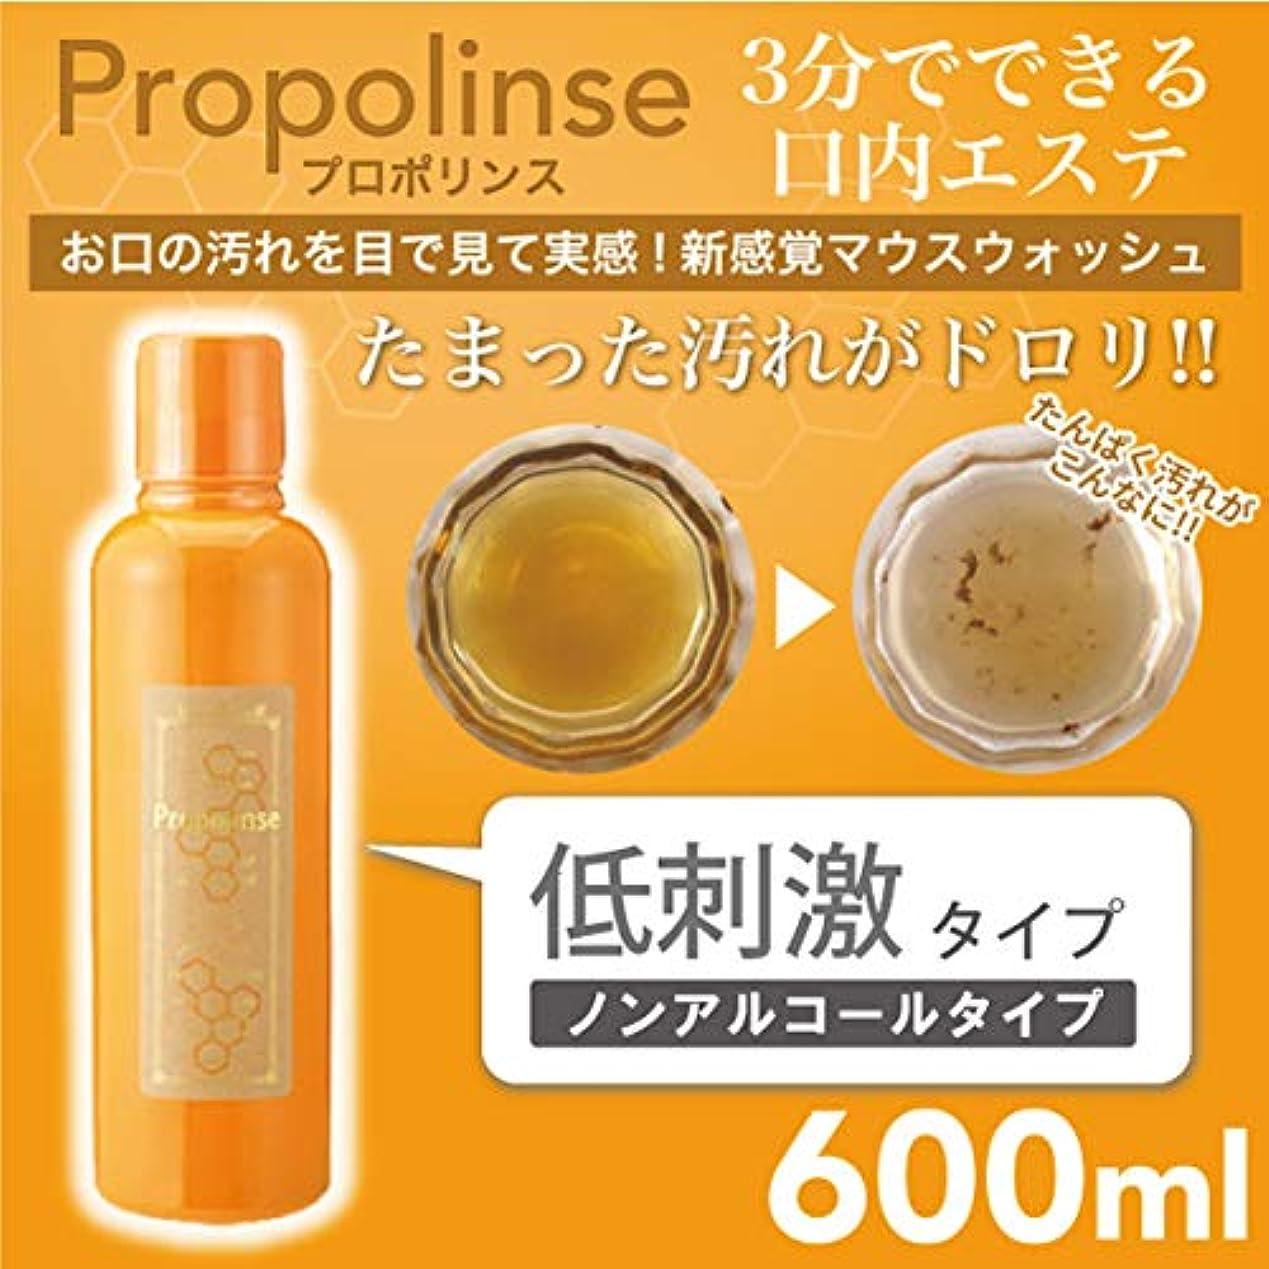 ピニオンシチリアごみプロポリンス マウスウォッシュ ピュア (ノンアルコール低刺激) 600ml [30本セット] 口臭対策